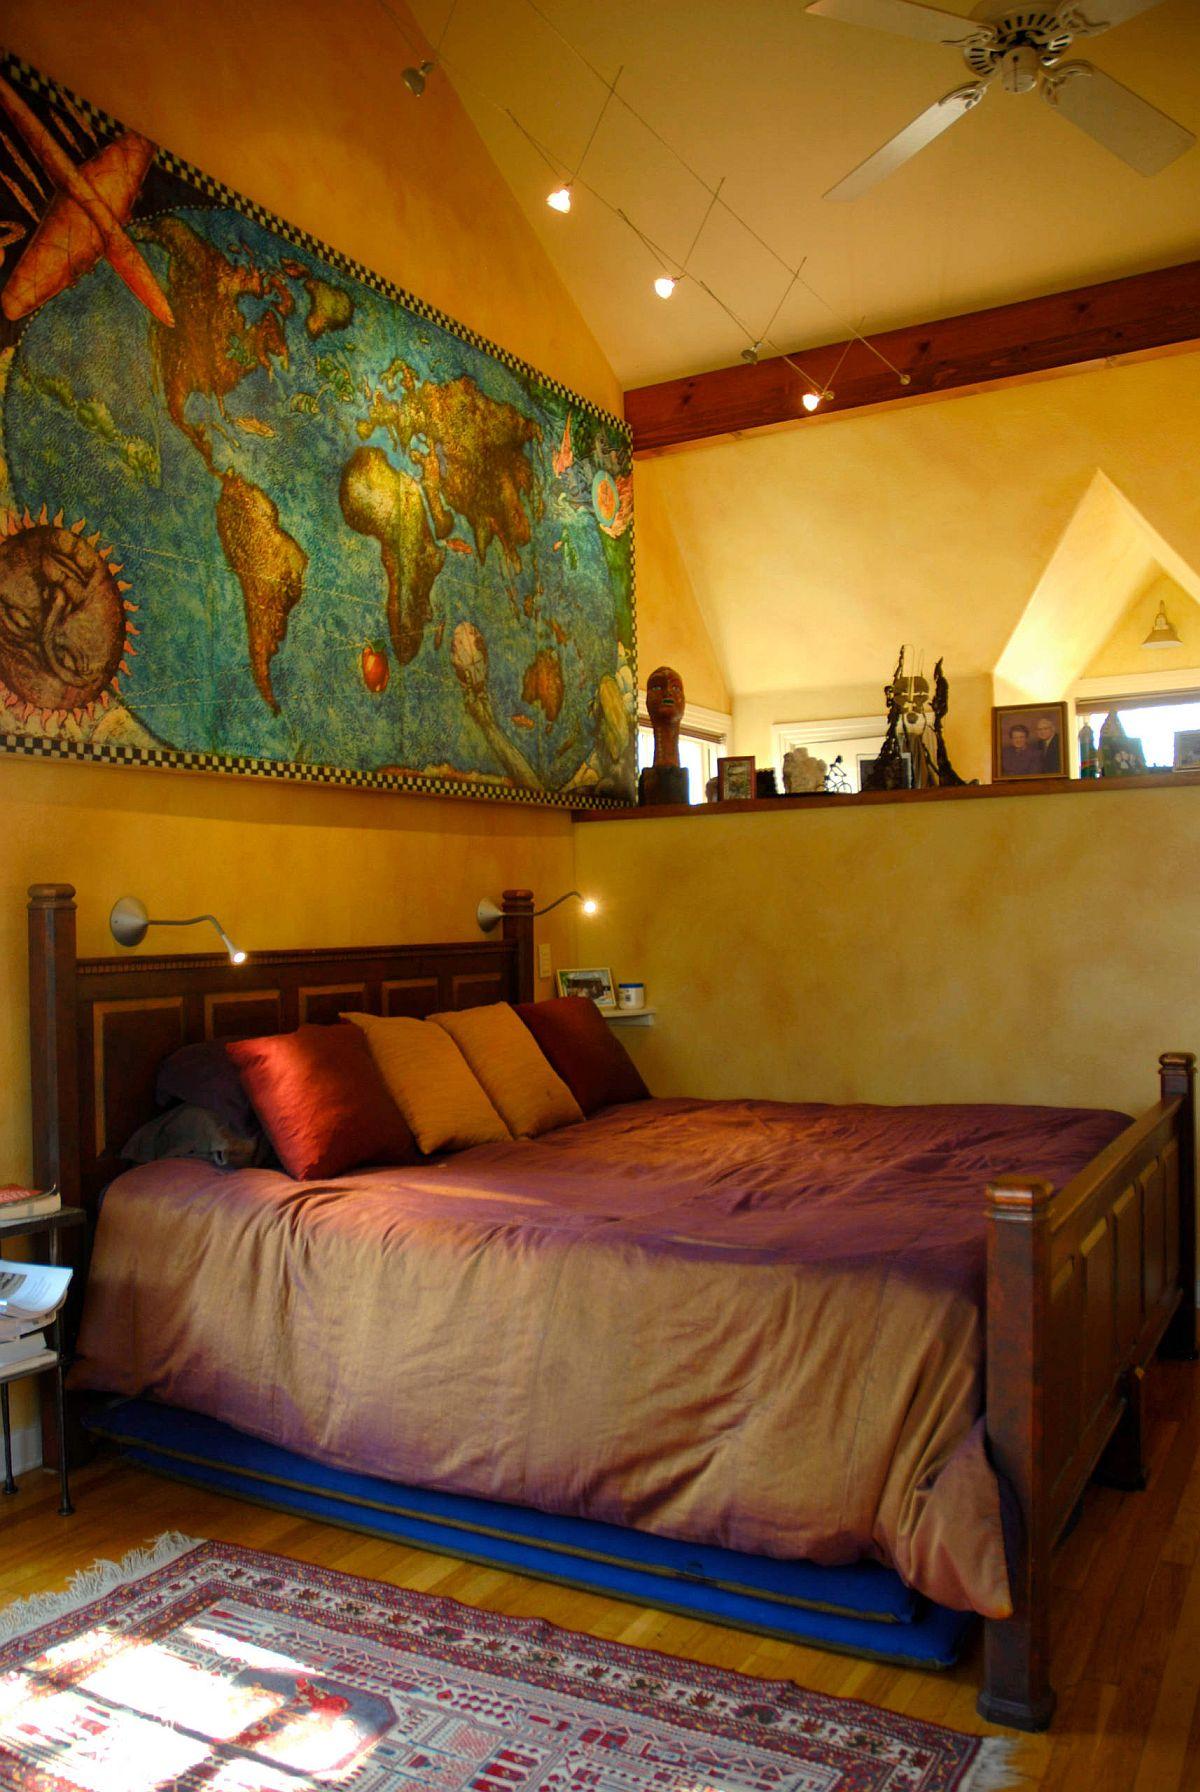 Hình ảnh một góc phòng ngủ phong cách Địa Trung Hải màu ấm áp, nổi bật với khung tranh bản đồ thế giới đầu giường